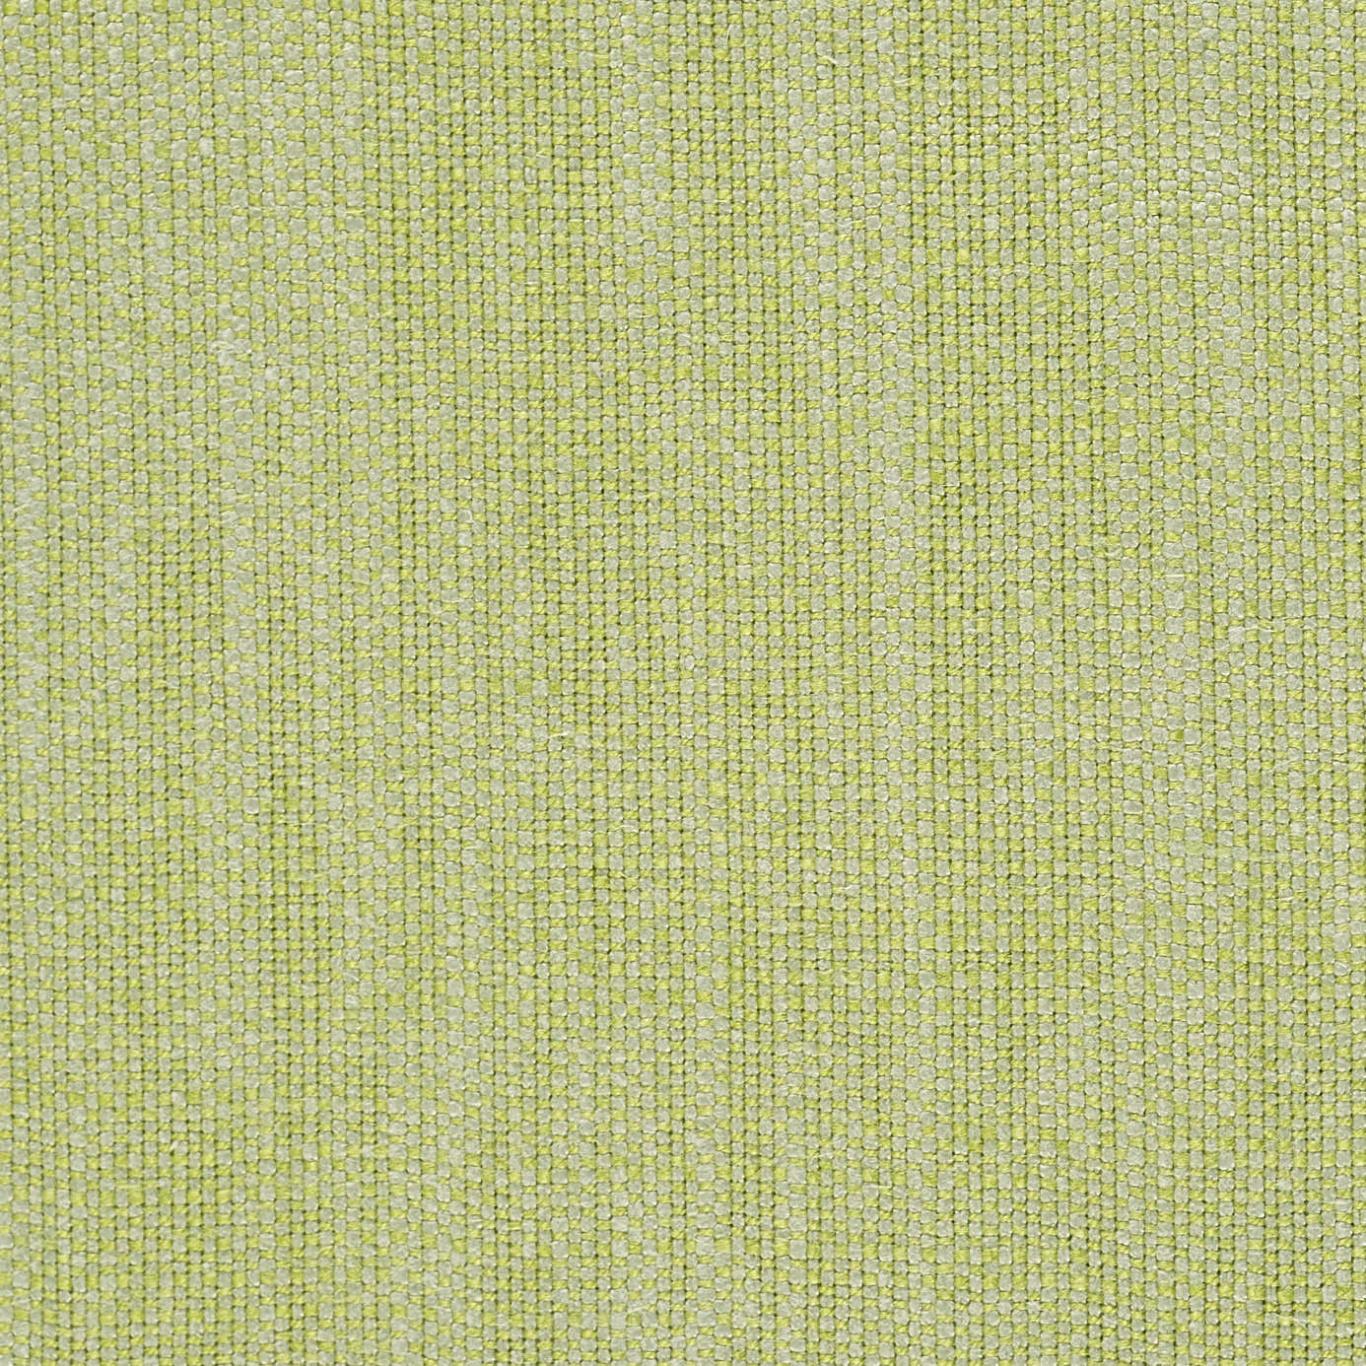 Image of Harlequin Atom Pistachio Fabric 440009